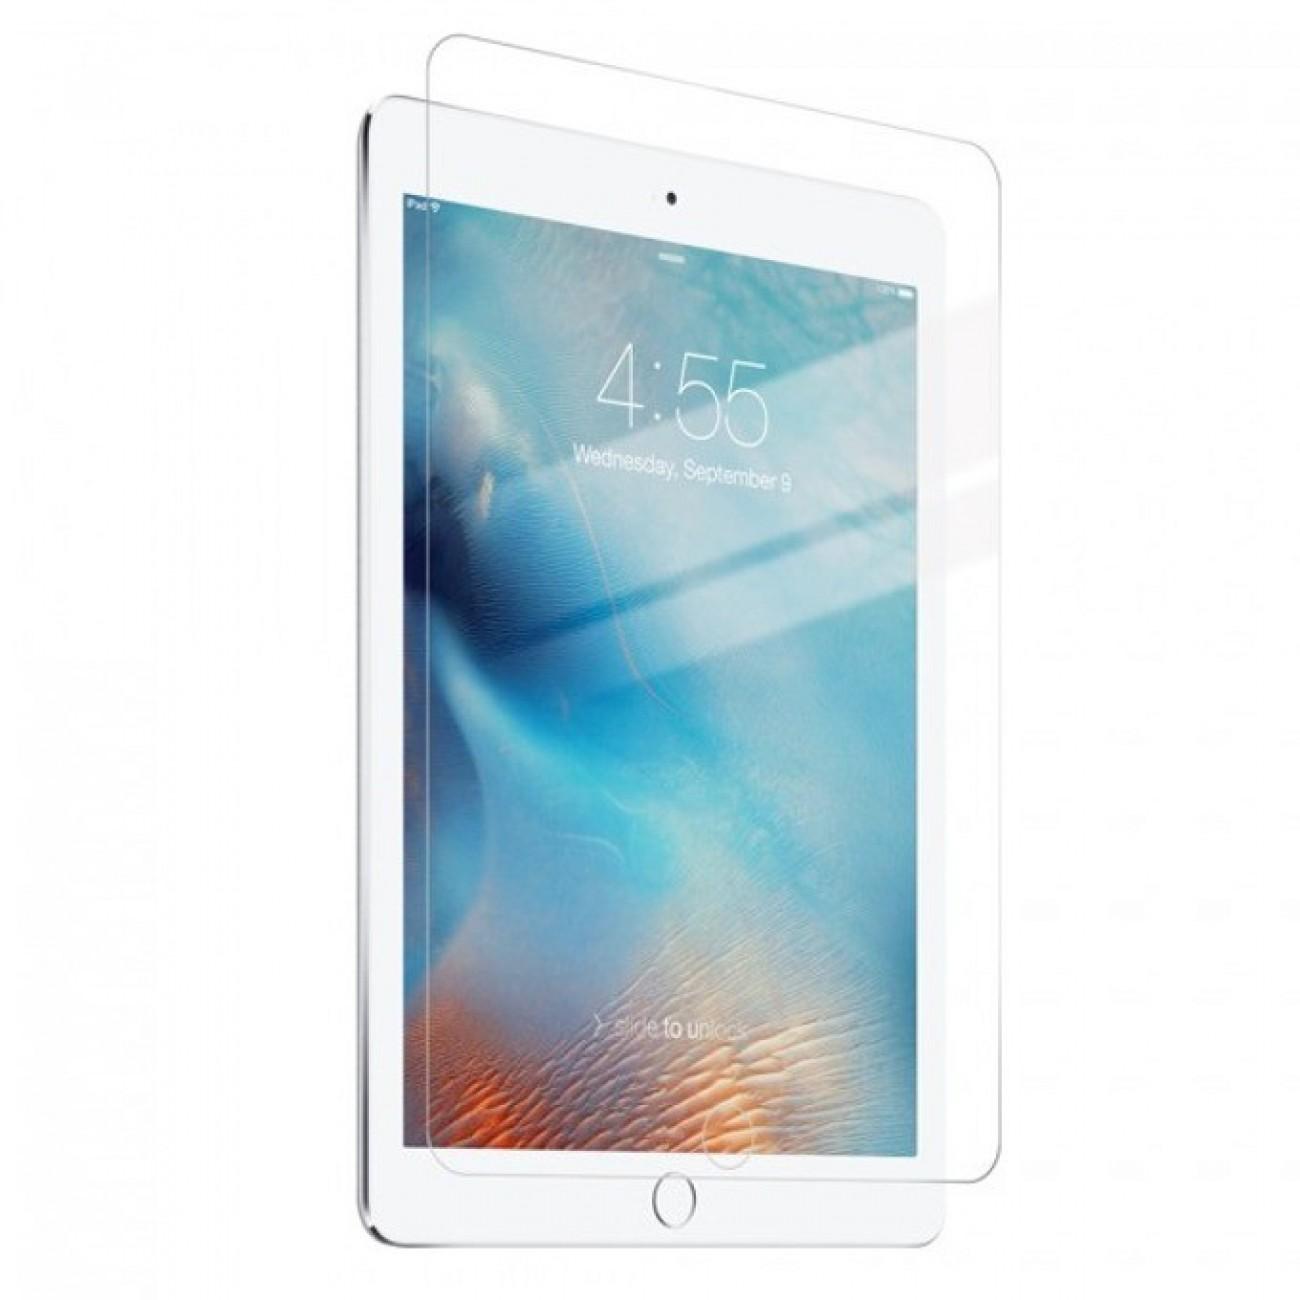 Защитно фолио Devia Glossy за дисплея на iPad mini 4, прозрачно в Защитно фолио -  | Alleop